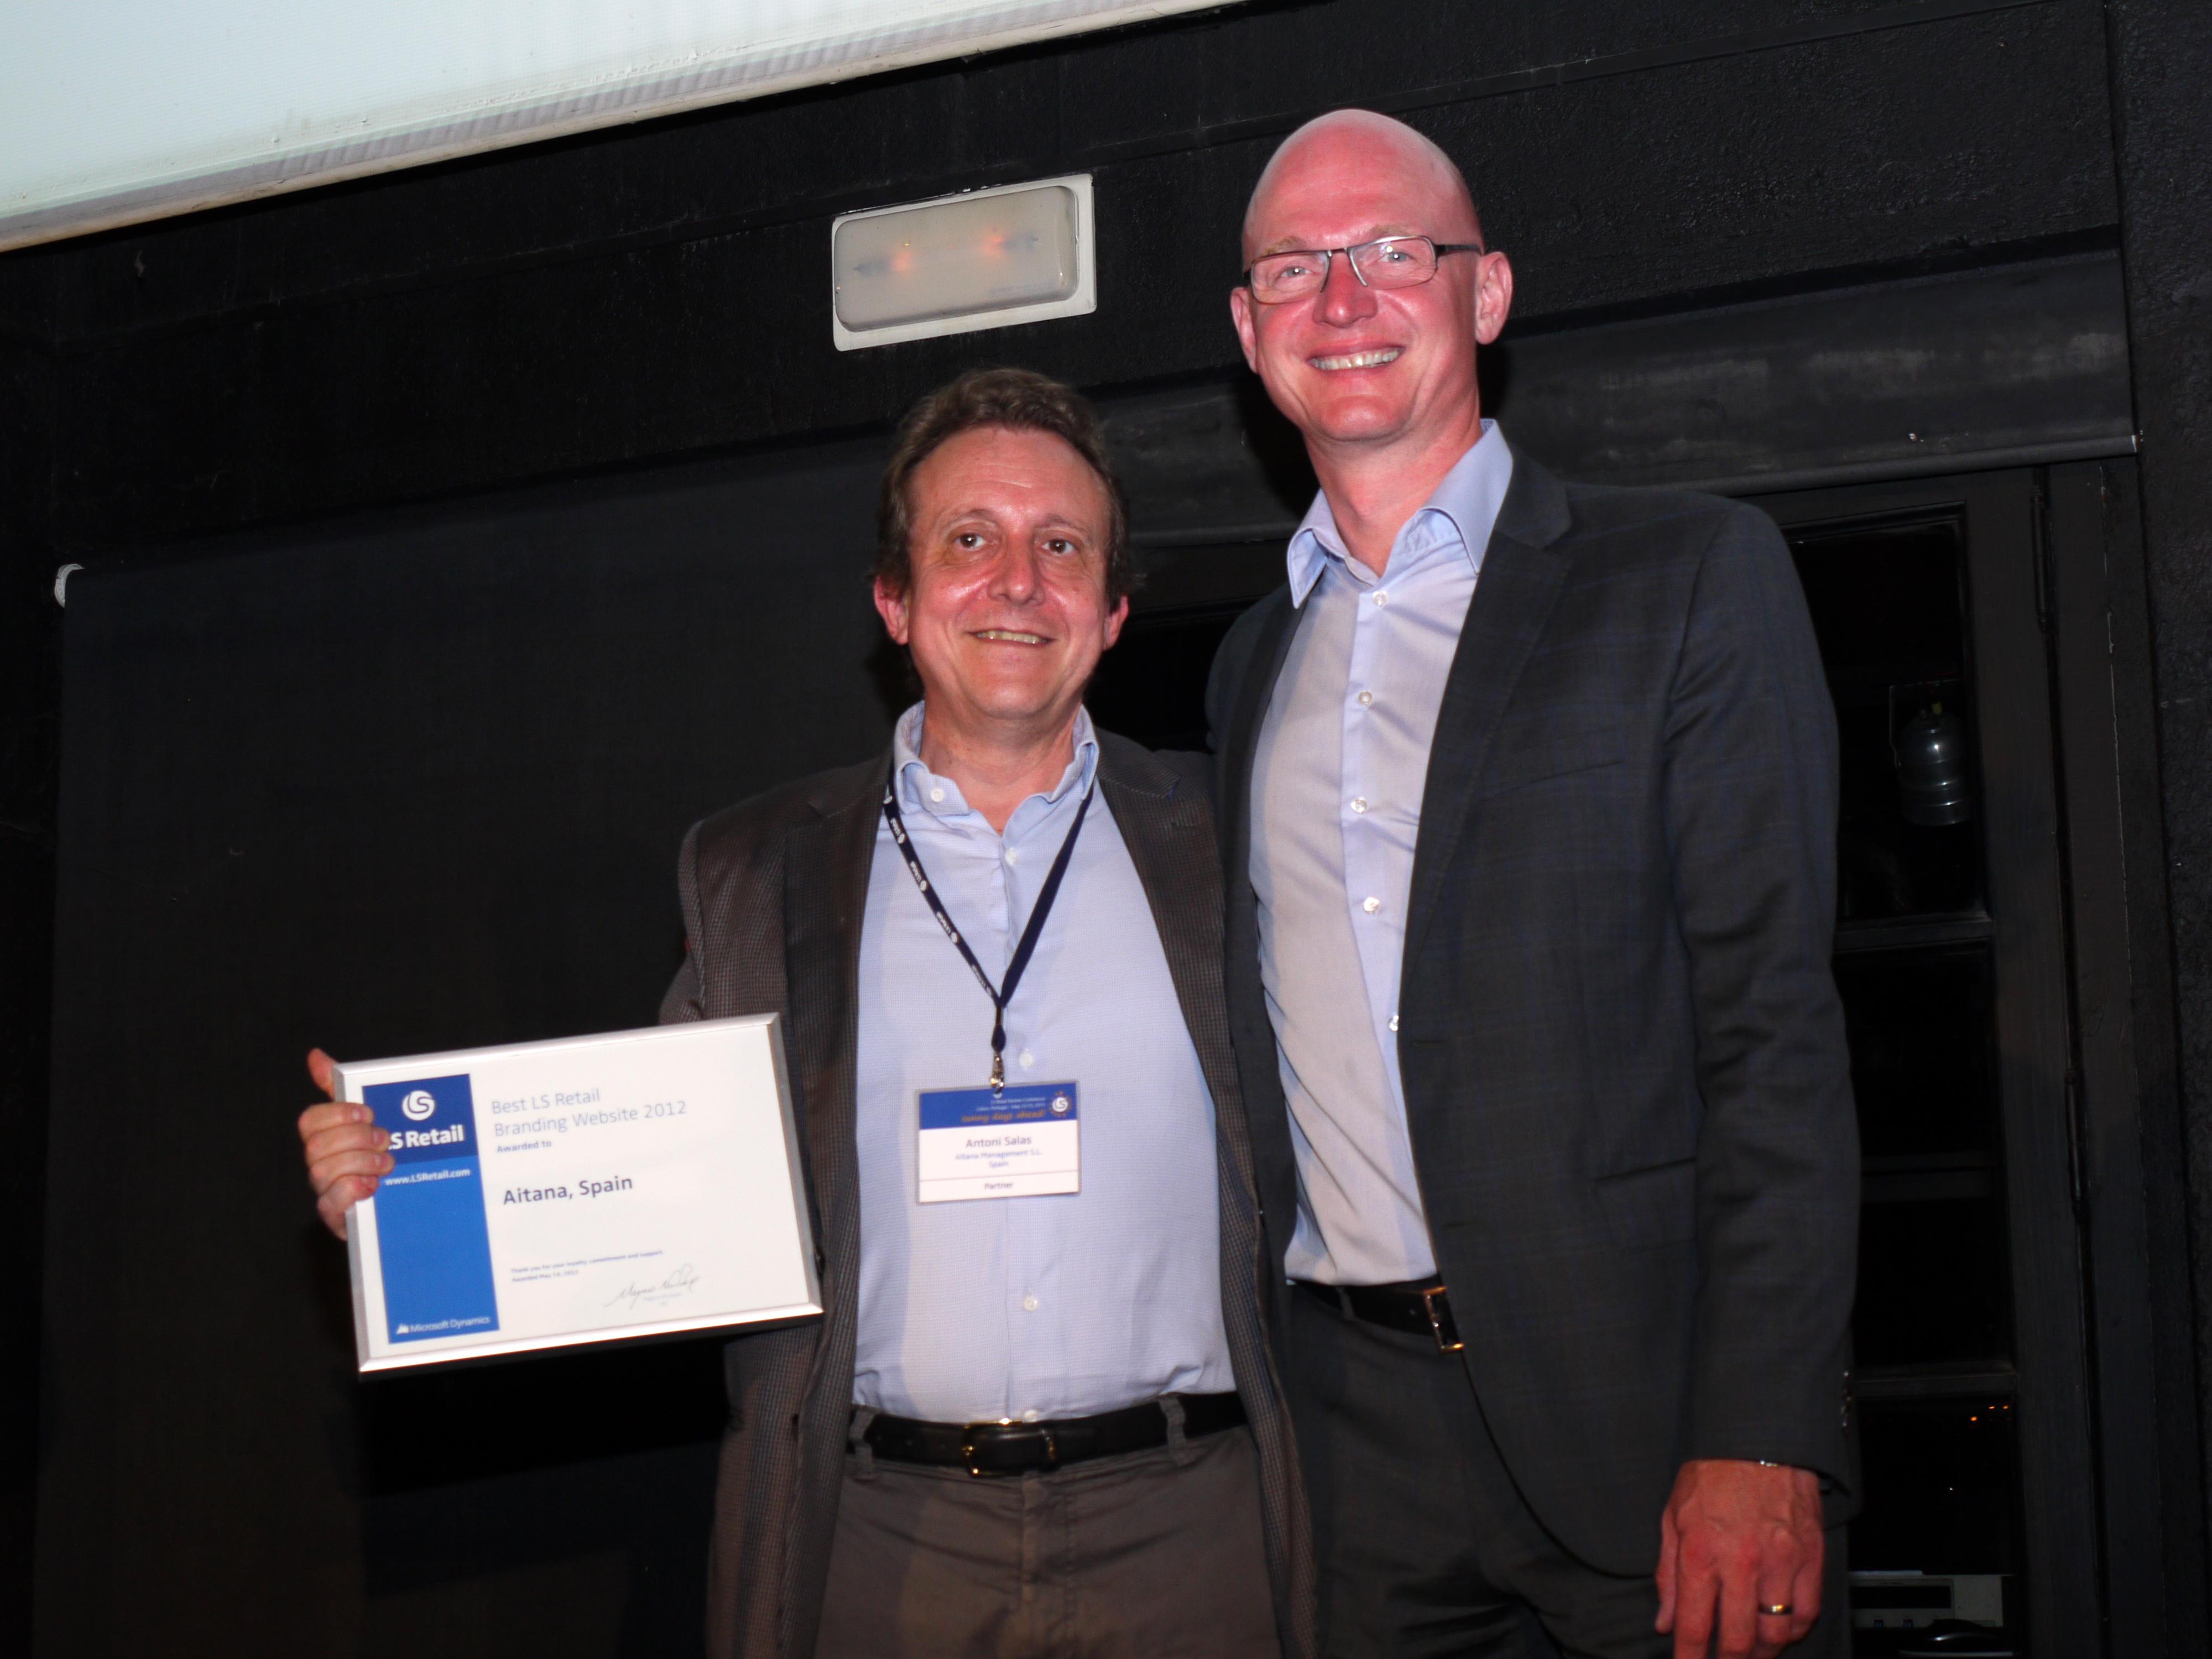 LS Retail Award 2012